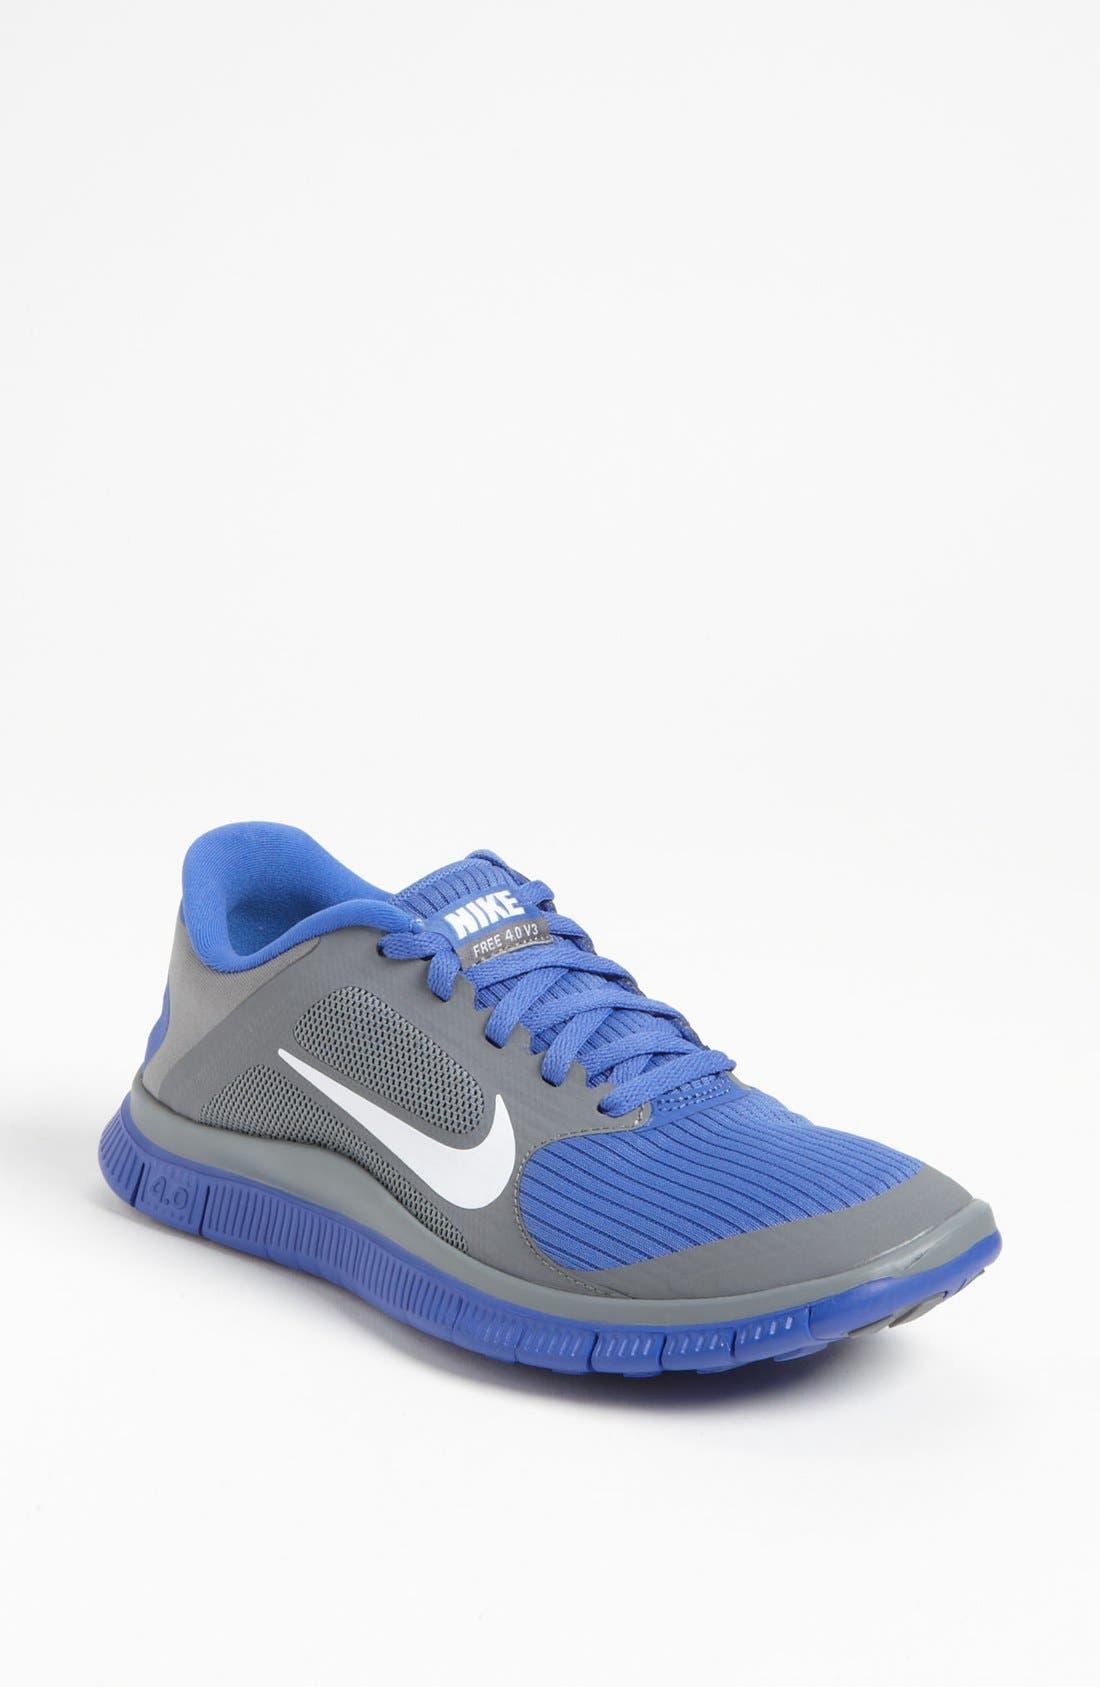 Alternate Image 1 Selected - Nike 'Free 4.0 v3' Running Shoe (Women)